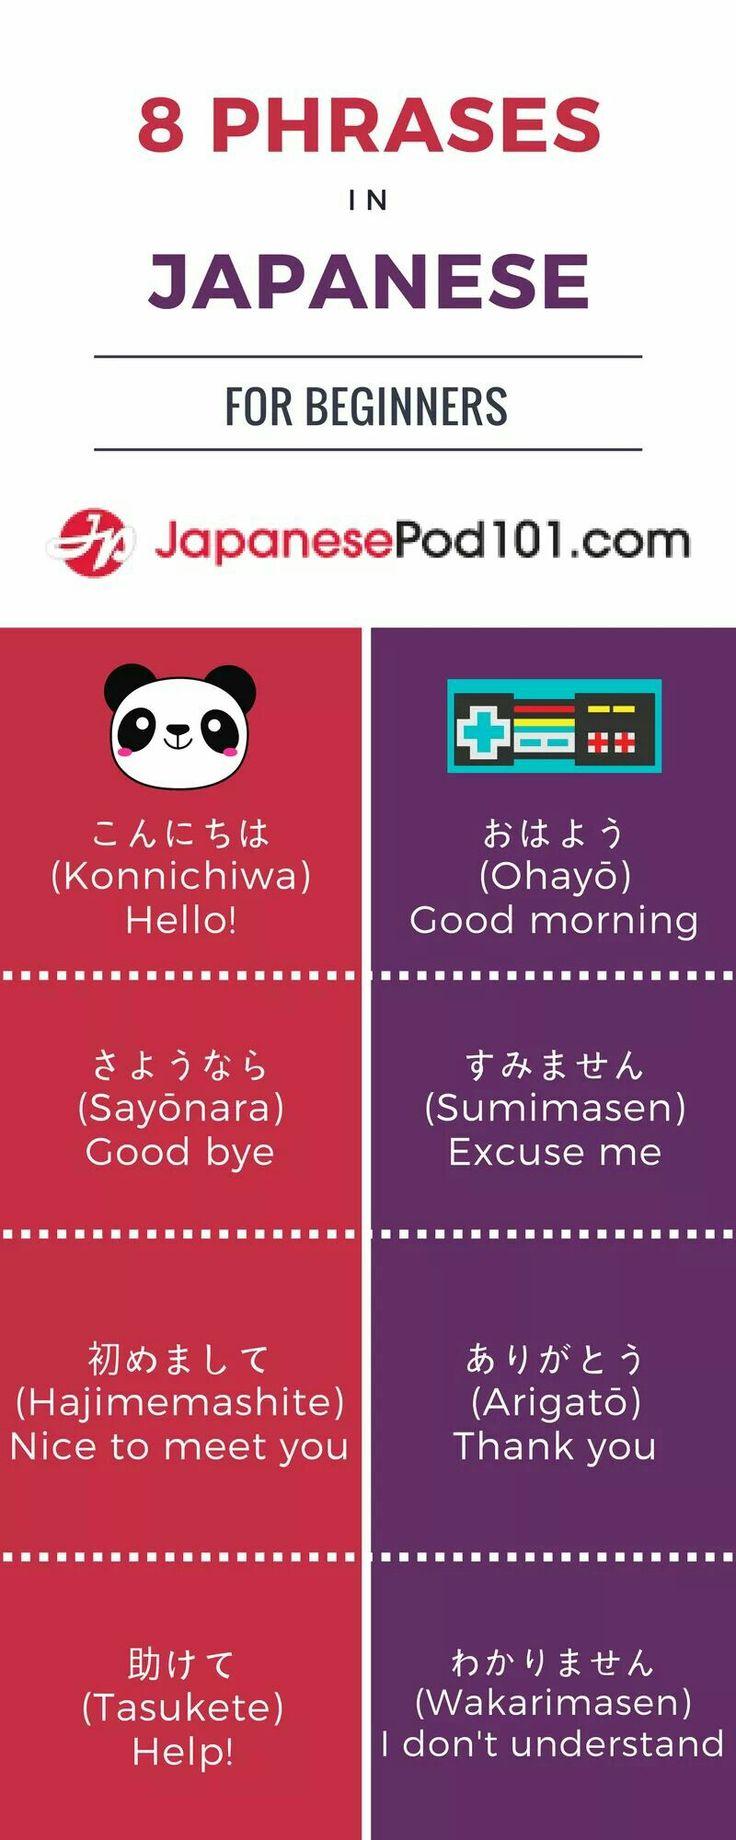 8 Japanese Phrases for Beginners from JapanesePod101